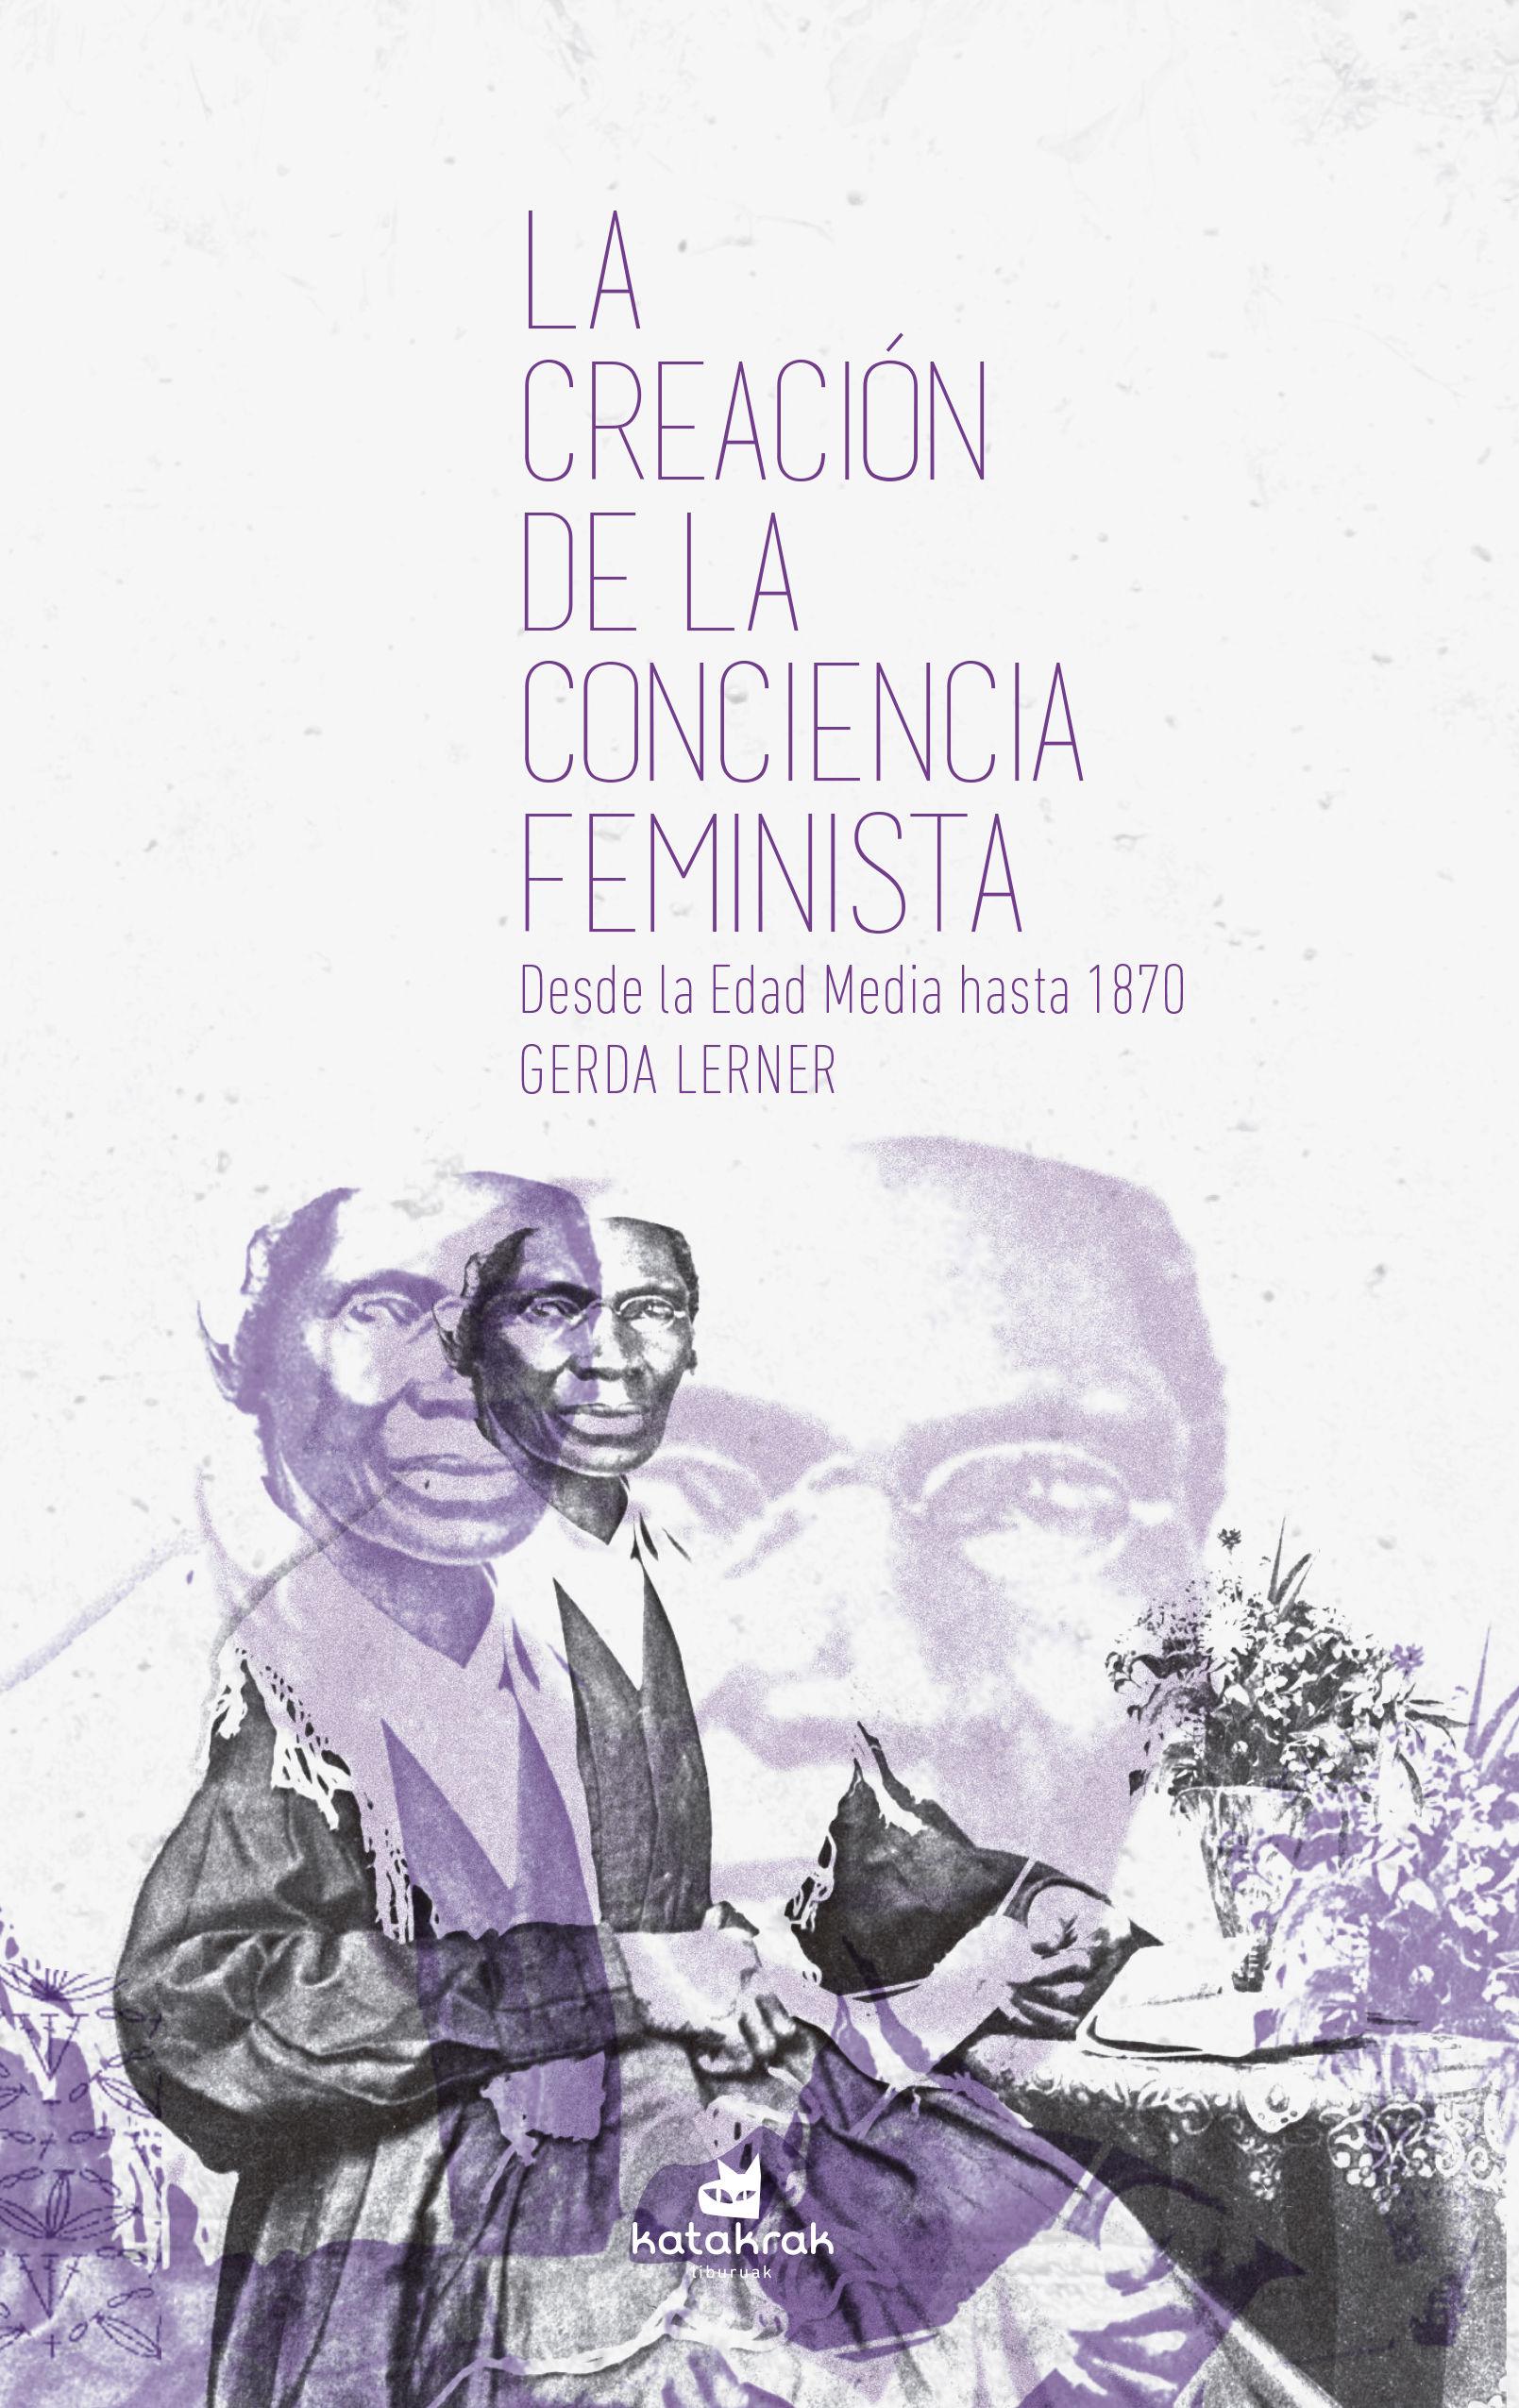 CREACIÓN DE LA CONCIENCIA FEMINISTA